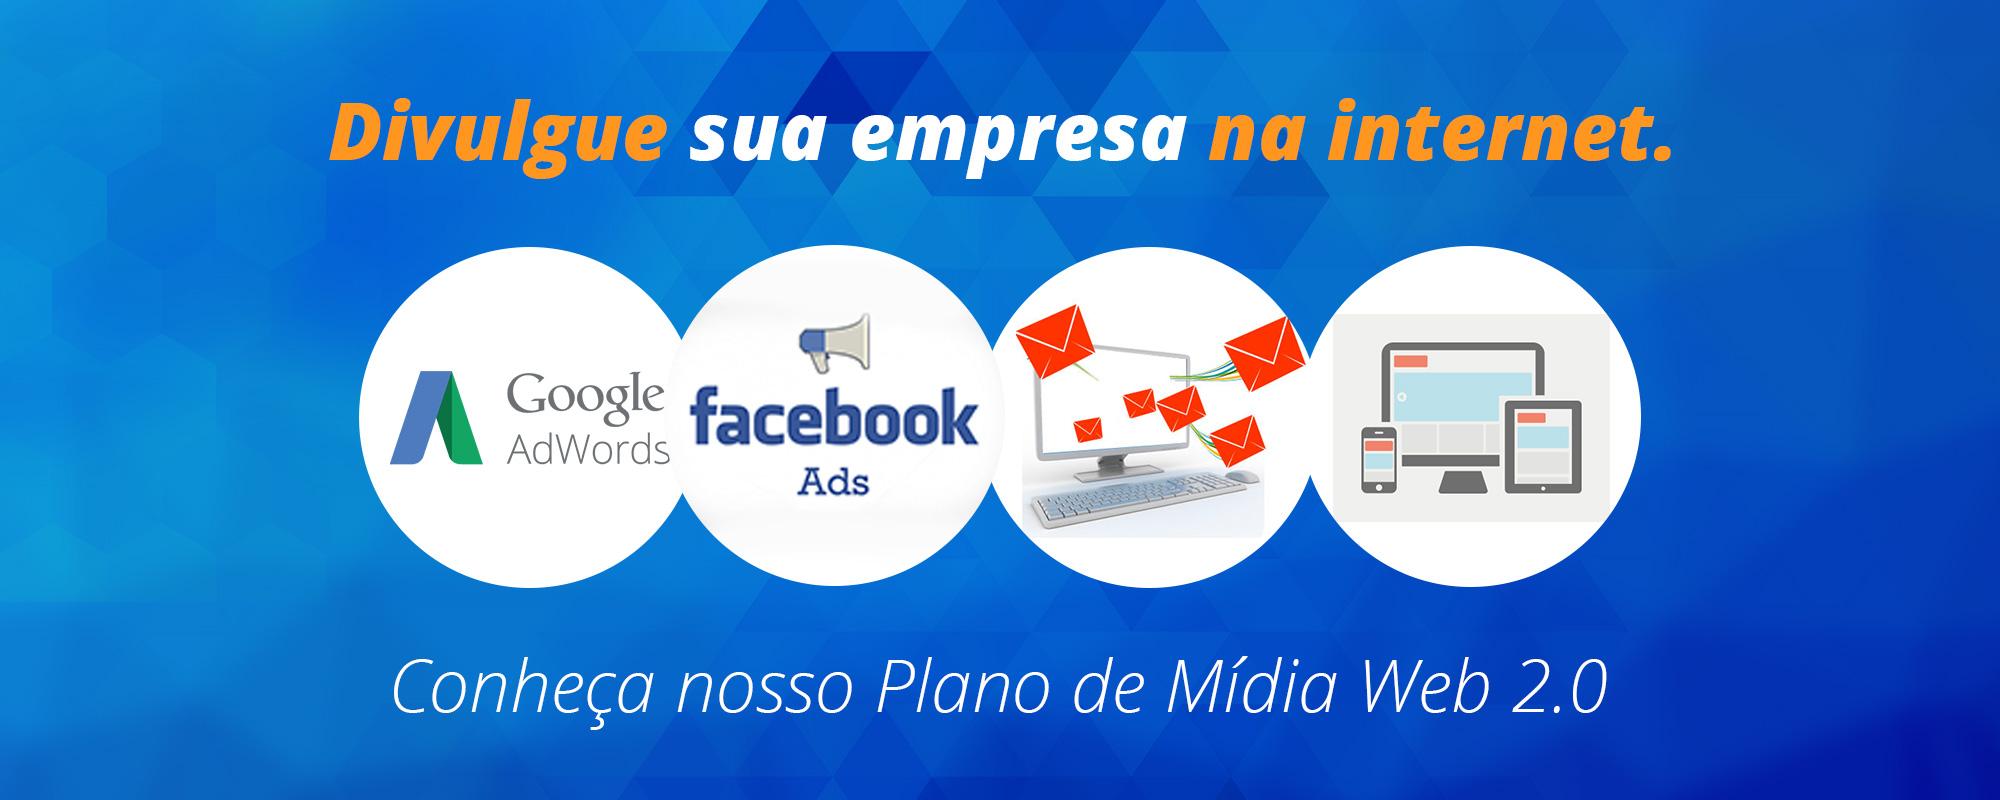 Marketing Digital - Gerencia de redes sociais